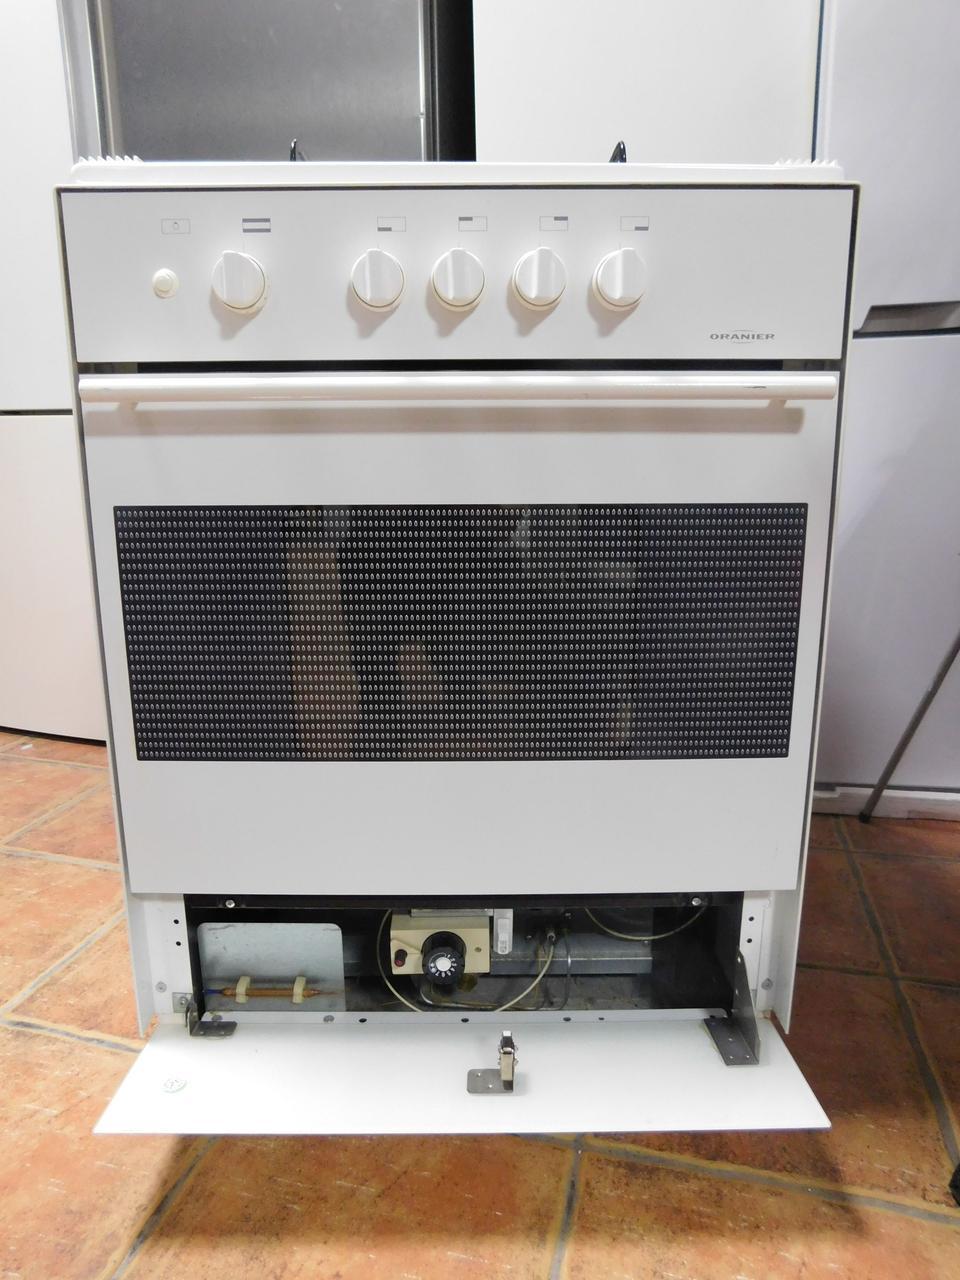 Кухонная плита газовая Oranier+конвектор, б\у, из Германии